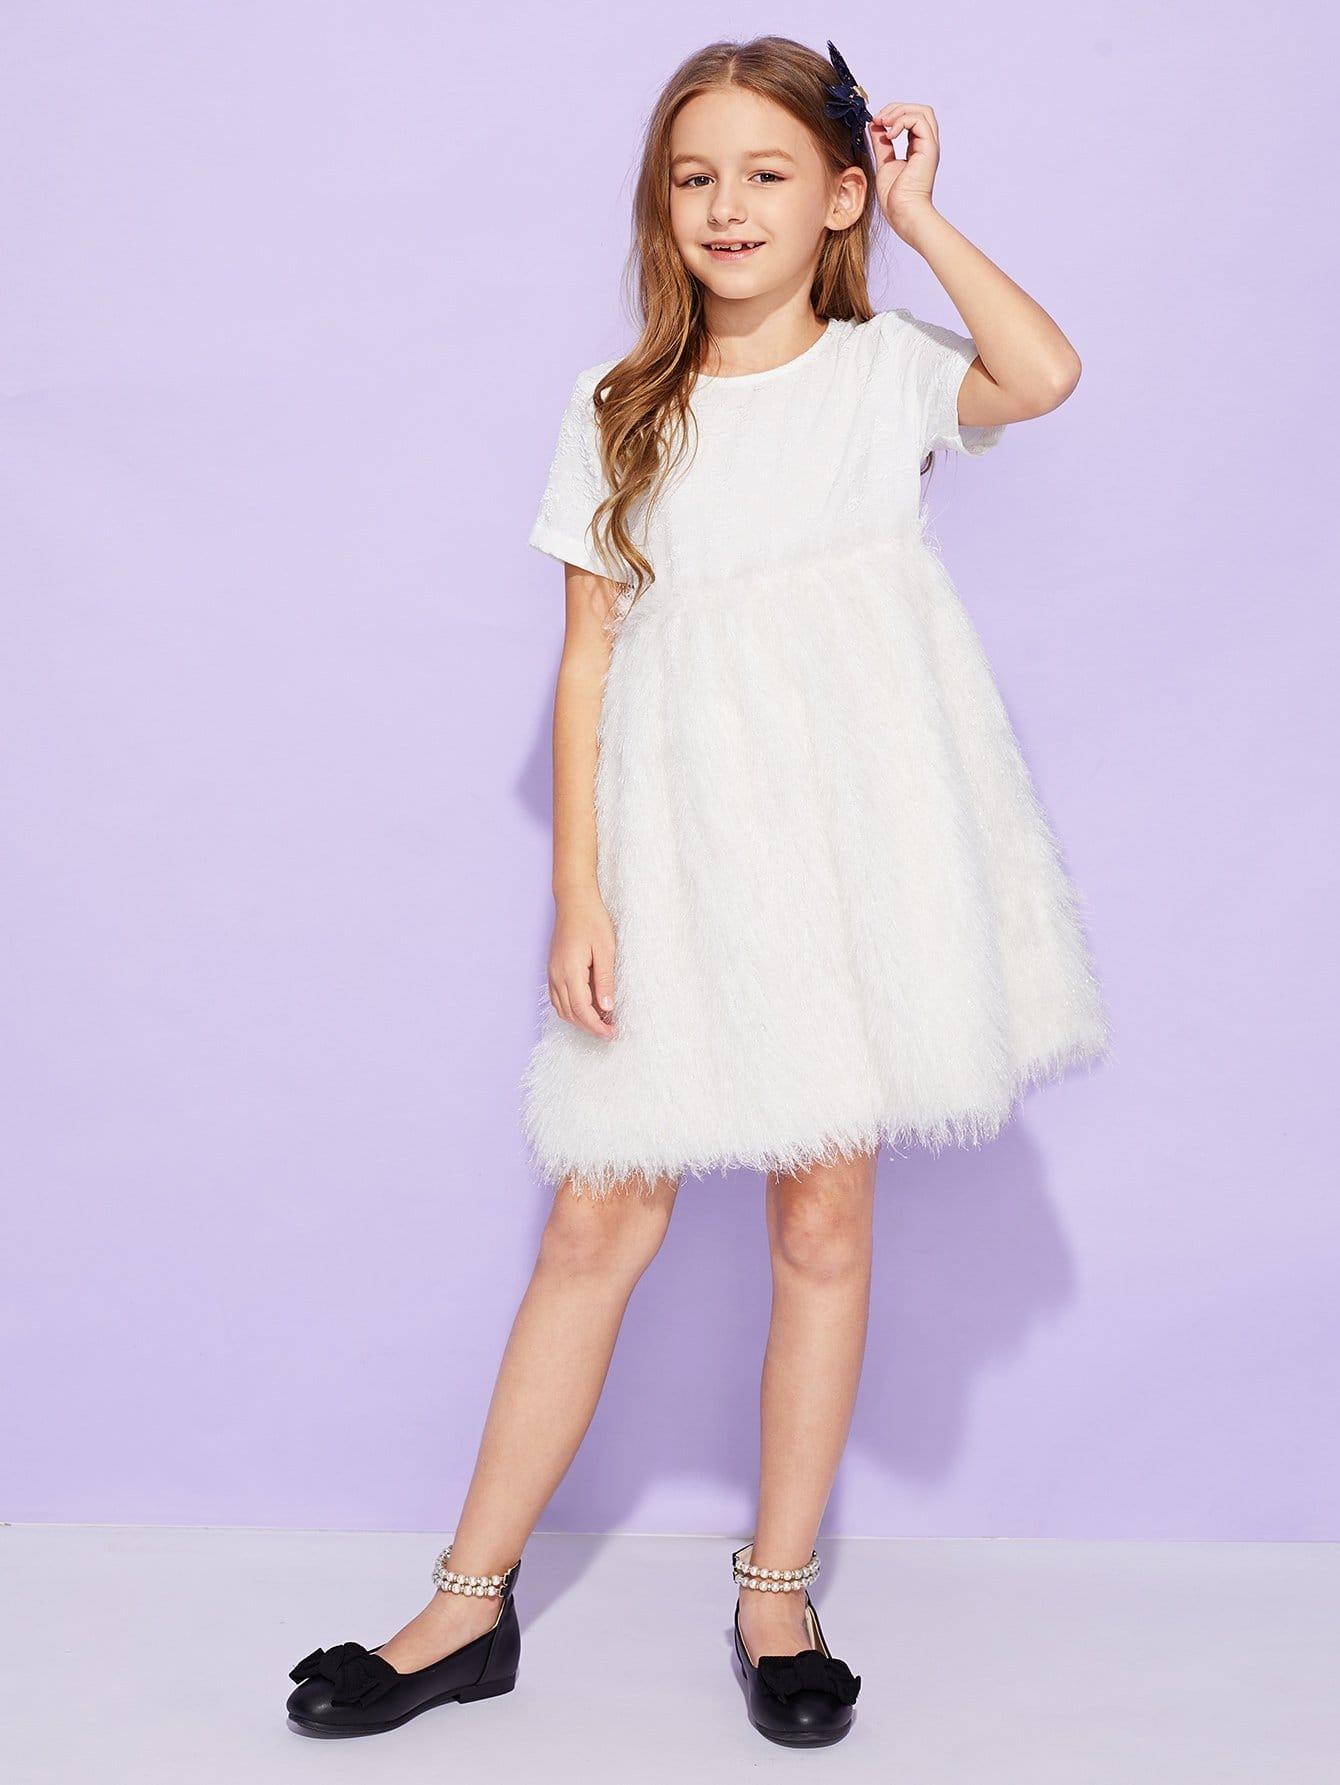 Купить Для девочек платье из искусственного меха, Sashab, SheIn